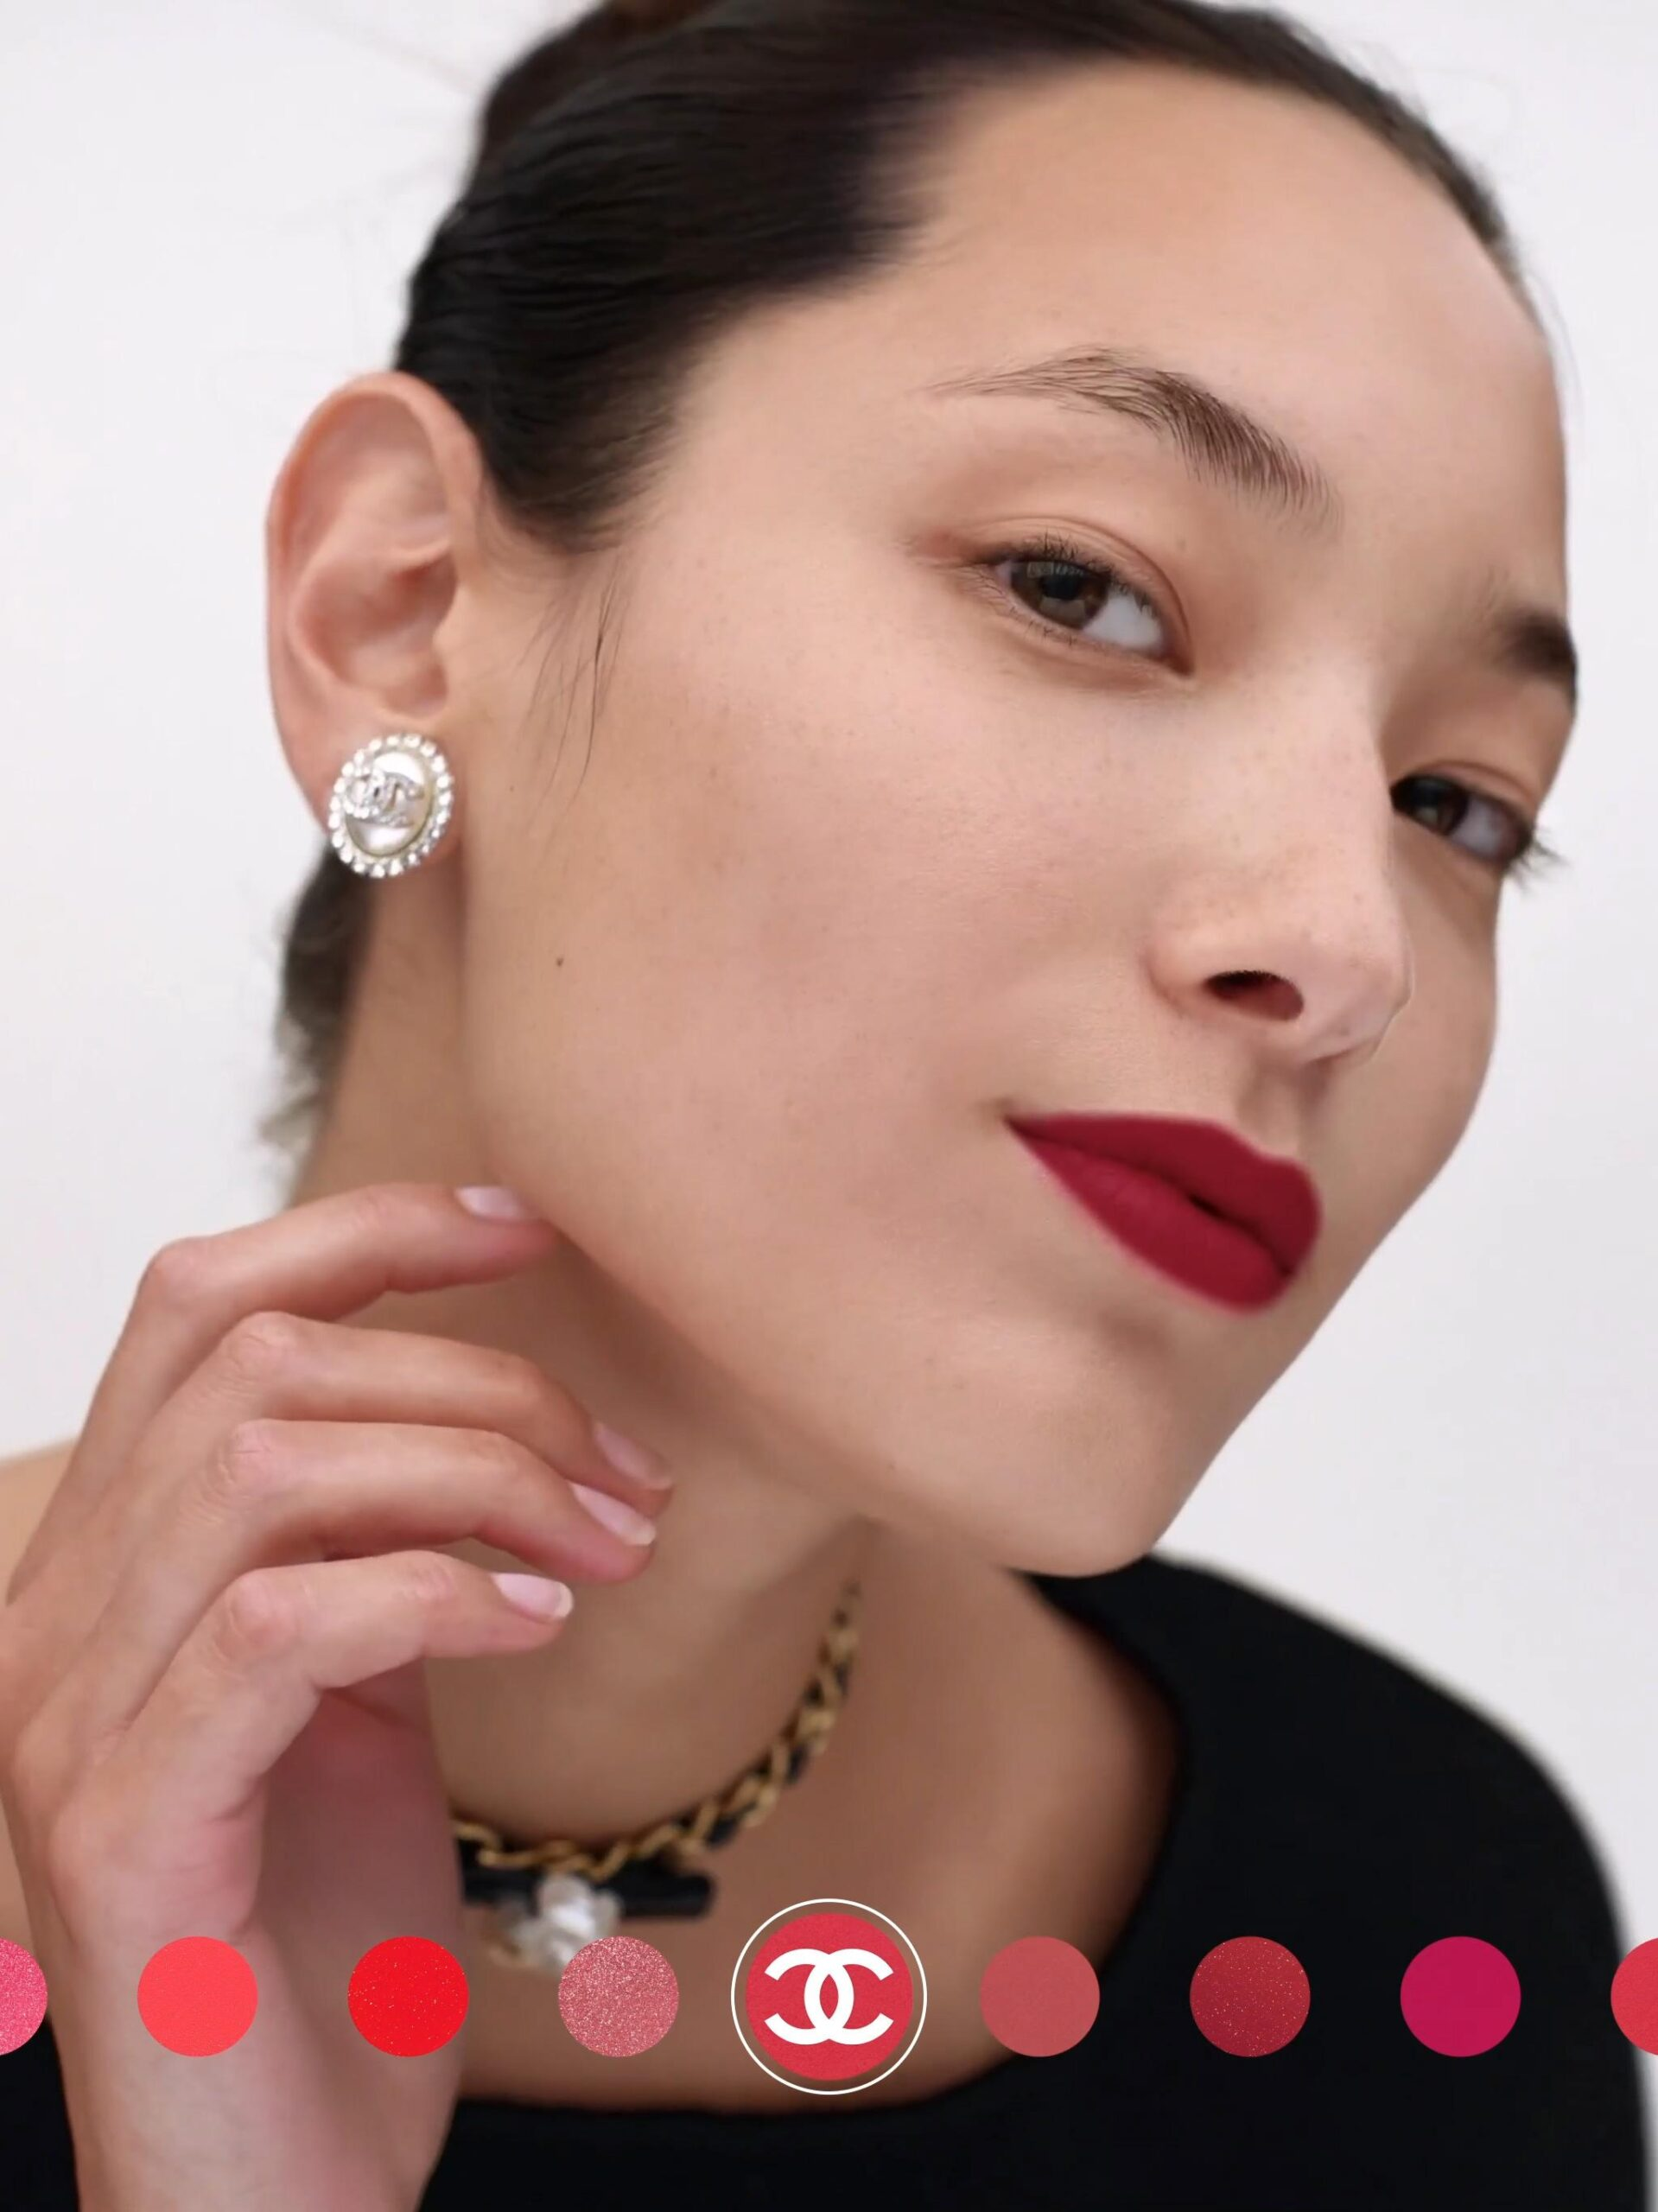 Lipscanner Chanel E' nata l'app Lipscanner Chanel per trovare il rossetto dei tuoi sogni!